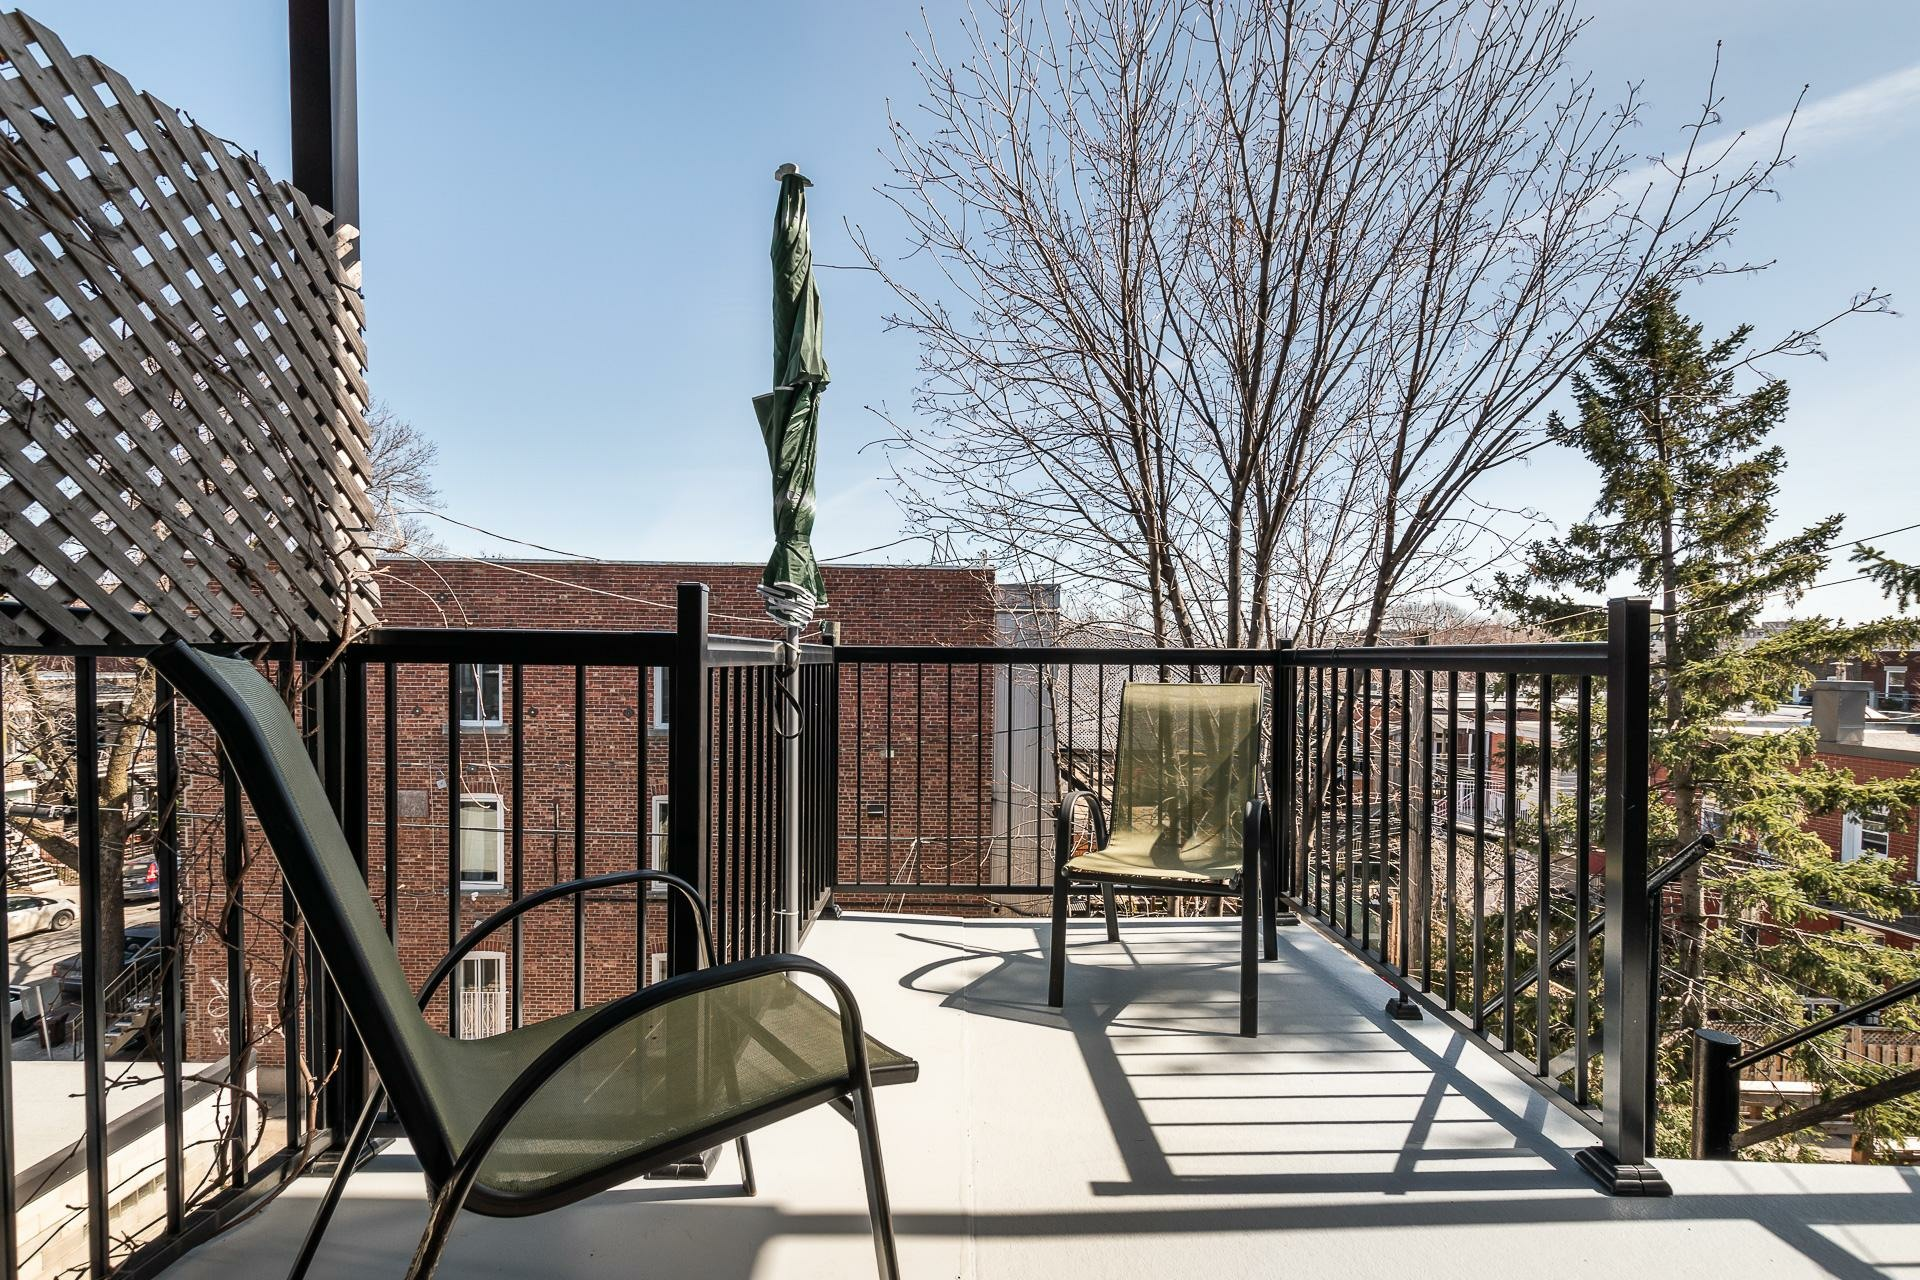 image 21 - Appartement À vendre Rosemont/La Petite-Patrie Montréal  - 7 pièces